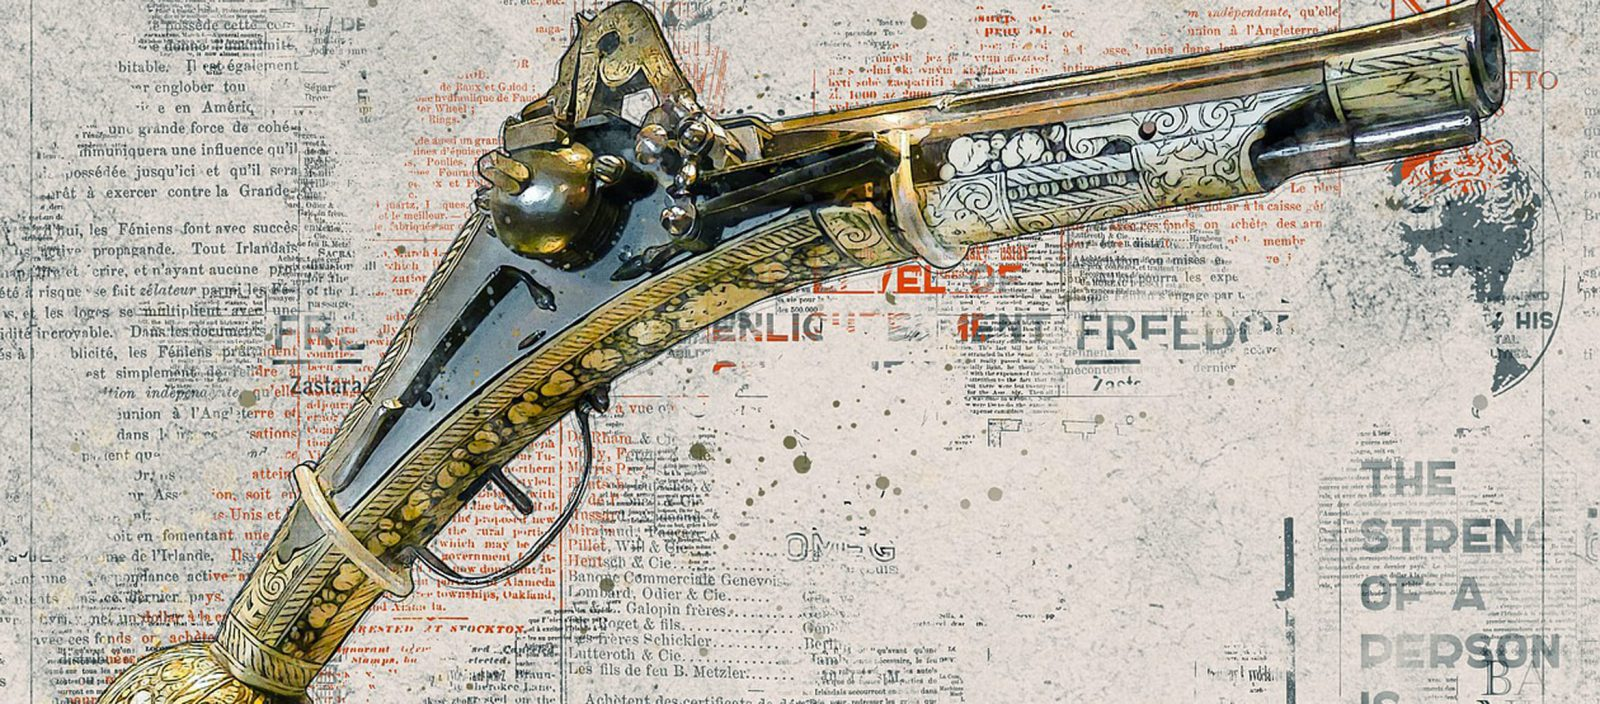 antiek pistool